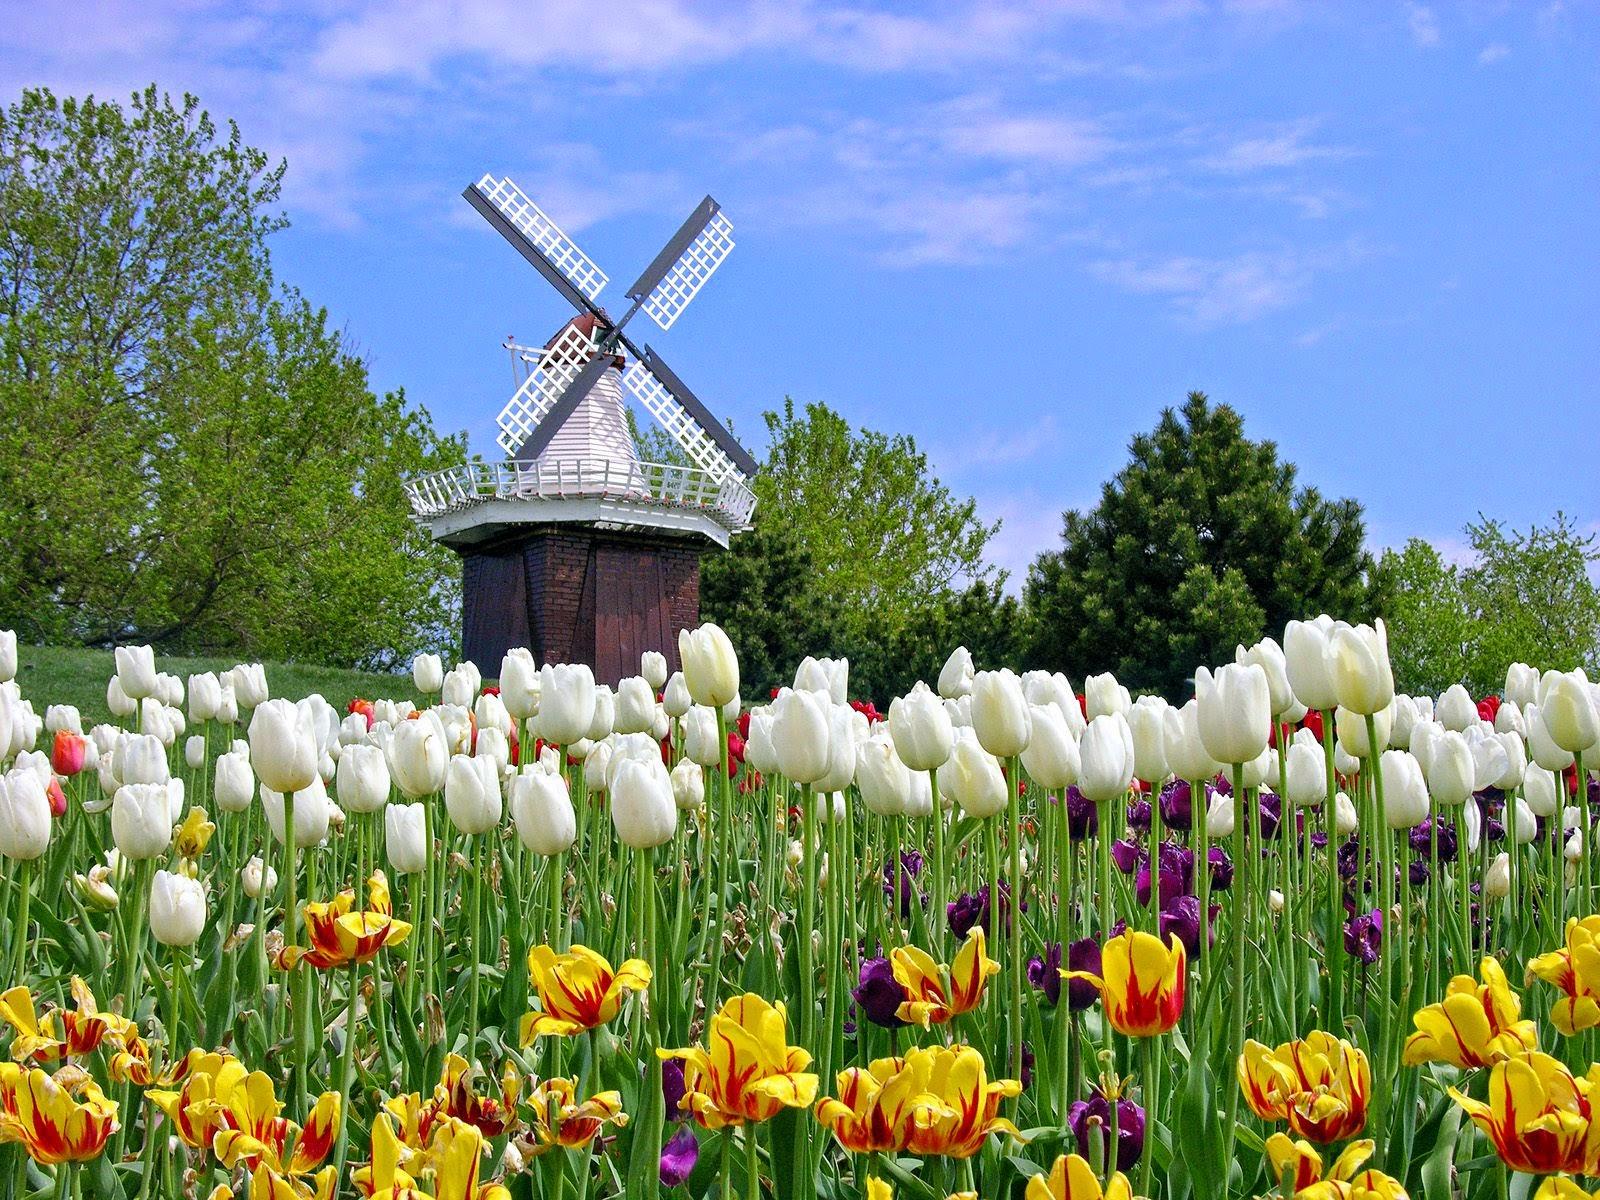 Gambar Keren Sebagai Wallpaper Musim Bunga Tulip Belanda